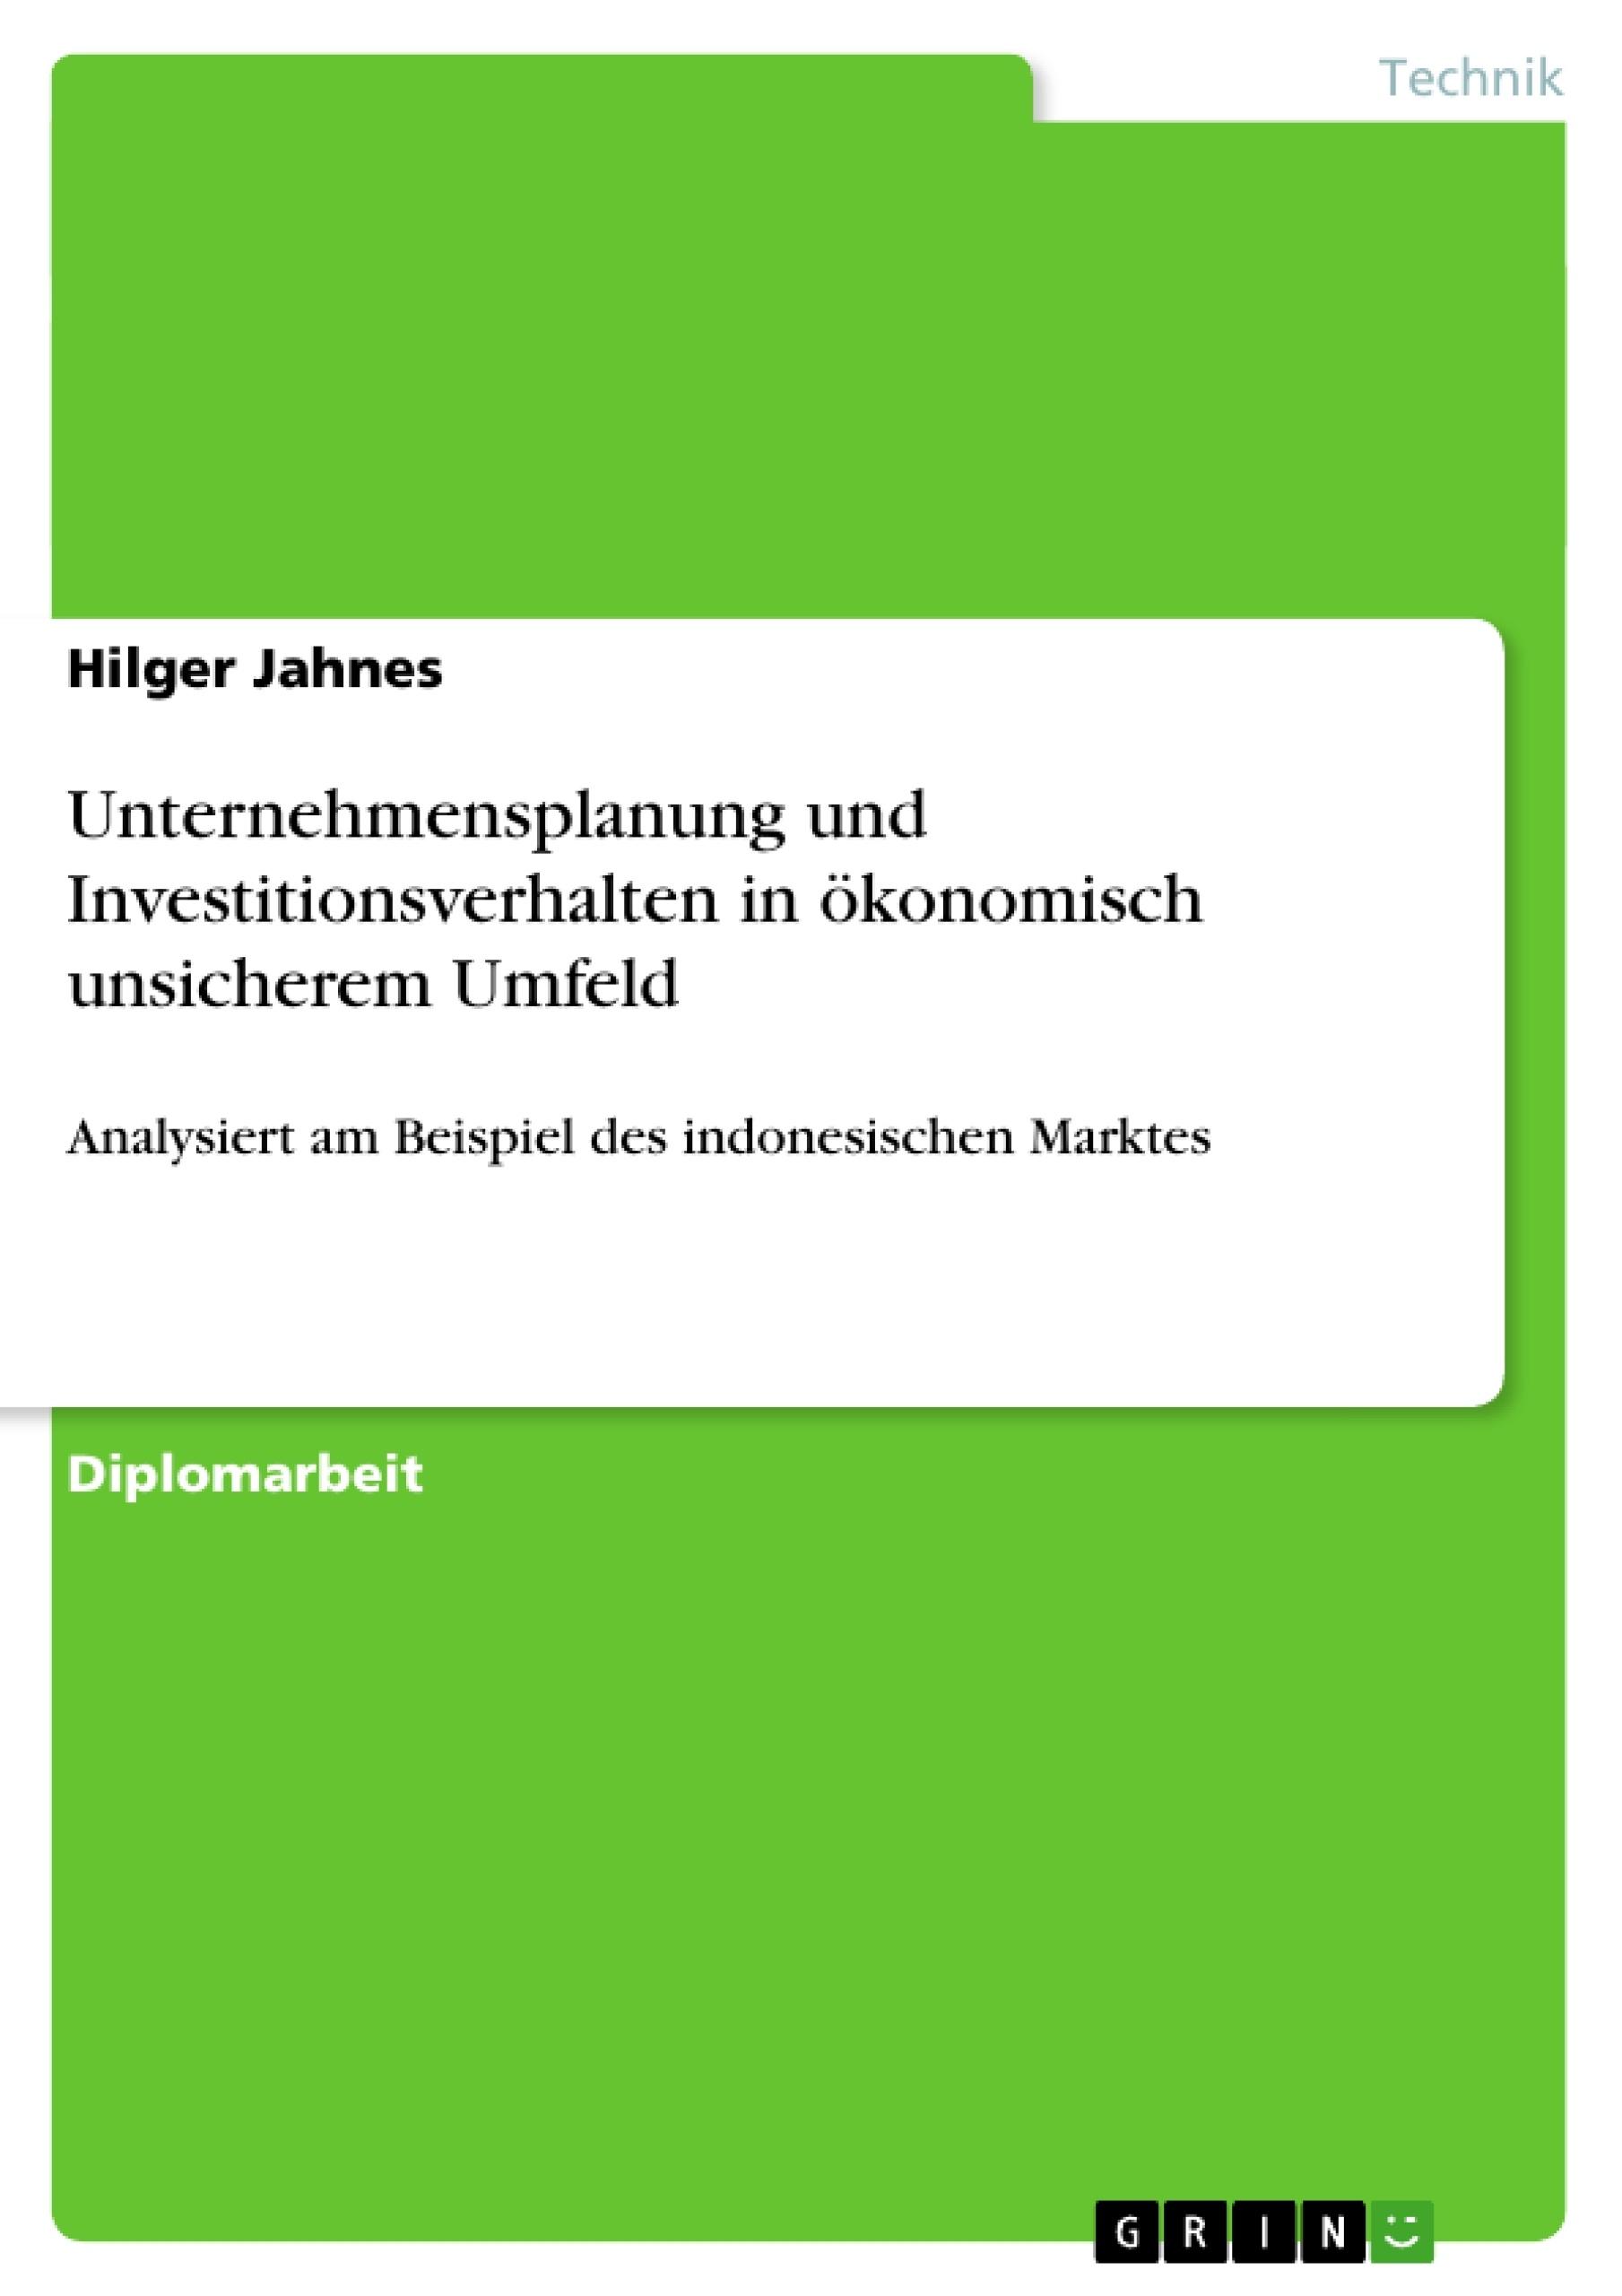 Titel: Unternehmensplanung und Investitionsverhalten in ökonomisch unsicherem Umfeld